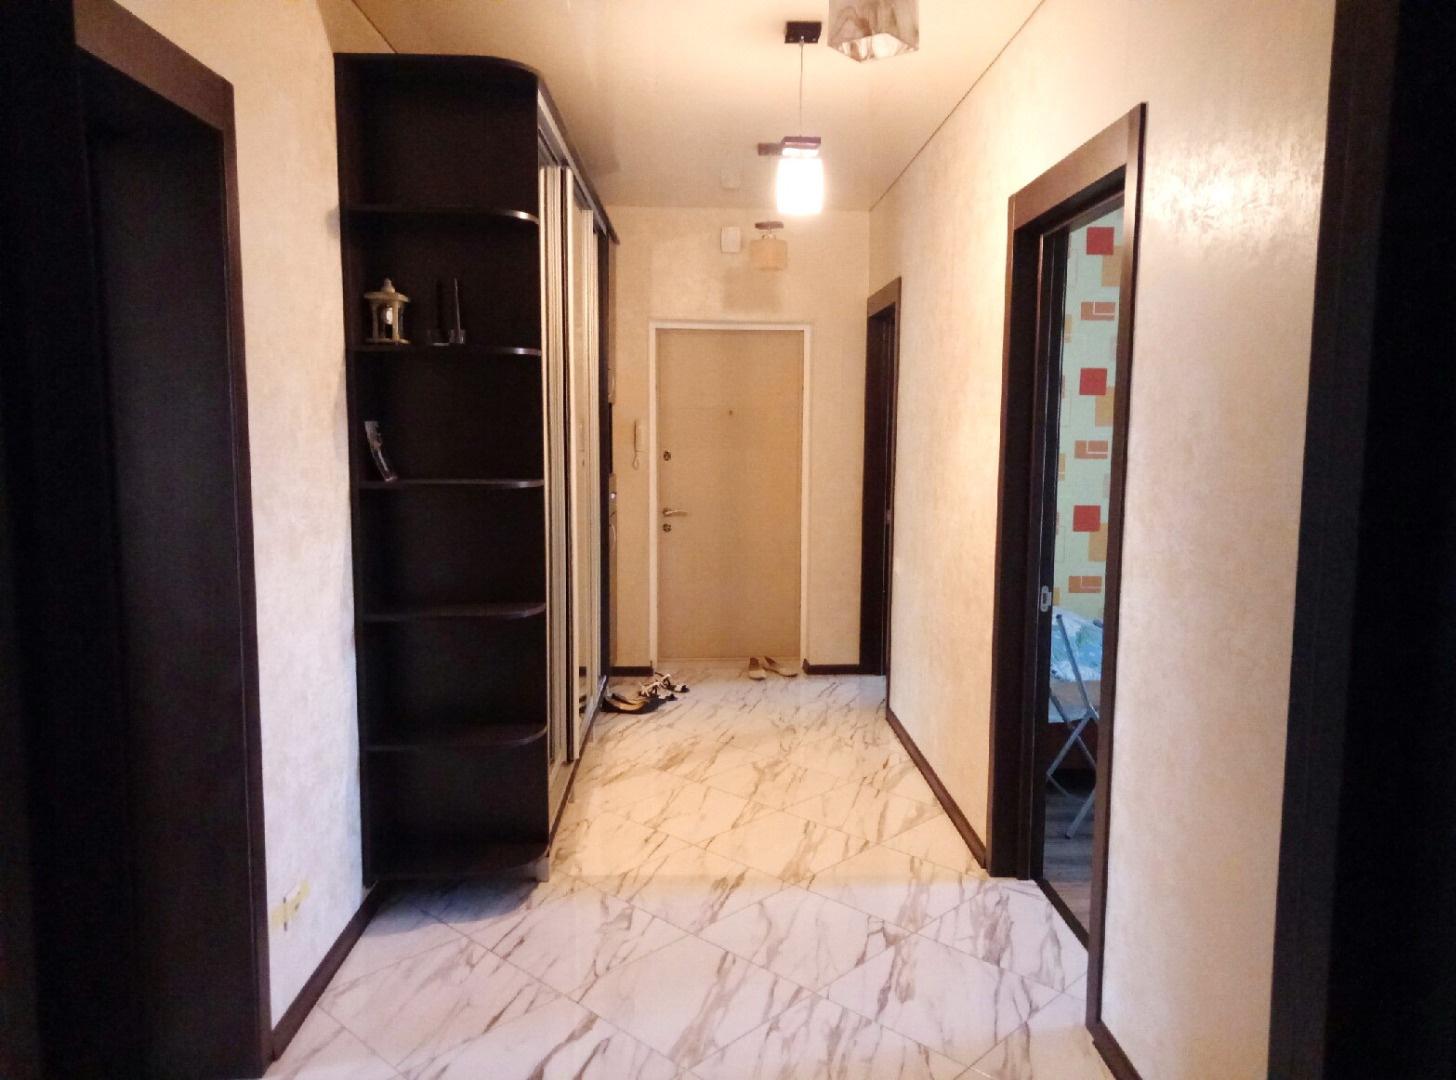 Продается 3-комнатная квартира на ул. Марсельская — 89 000 у.е. (фото №13)